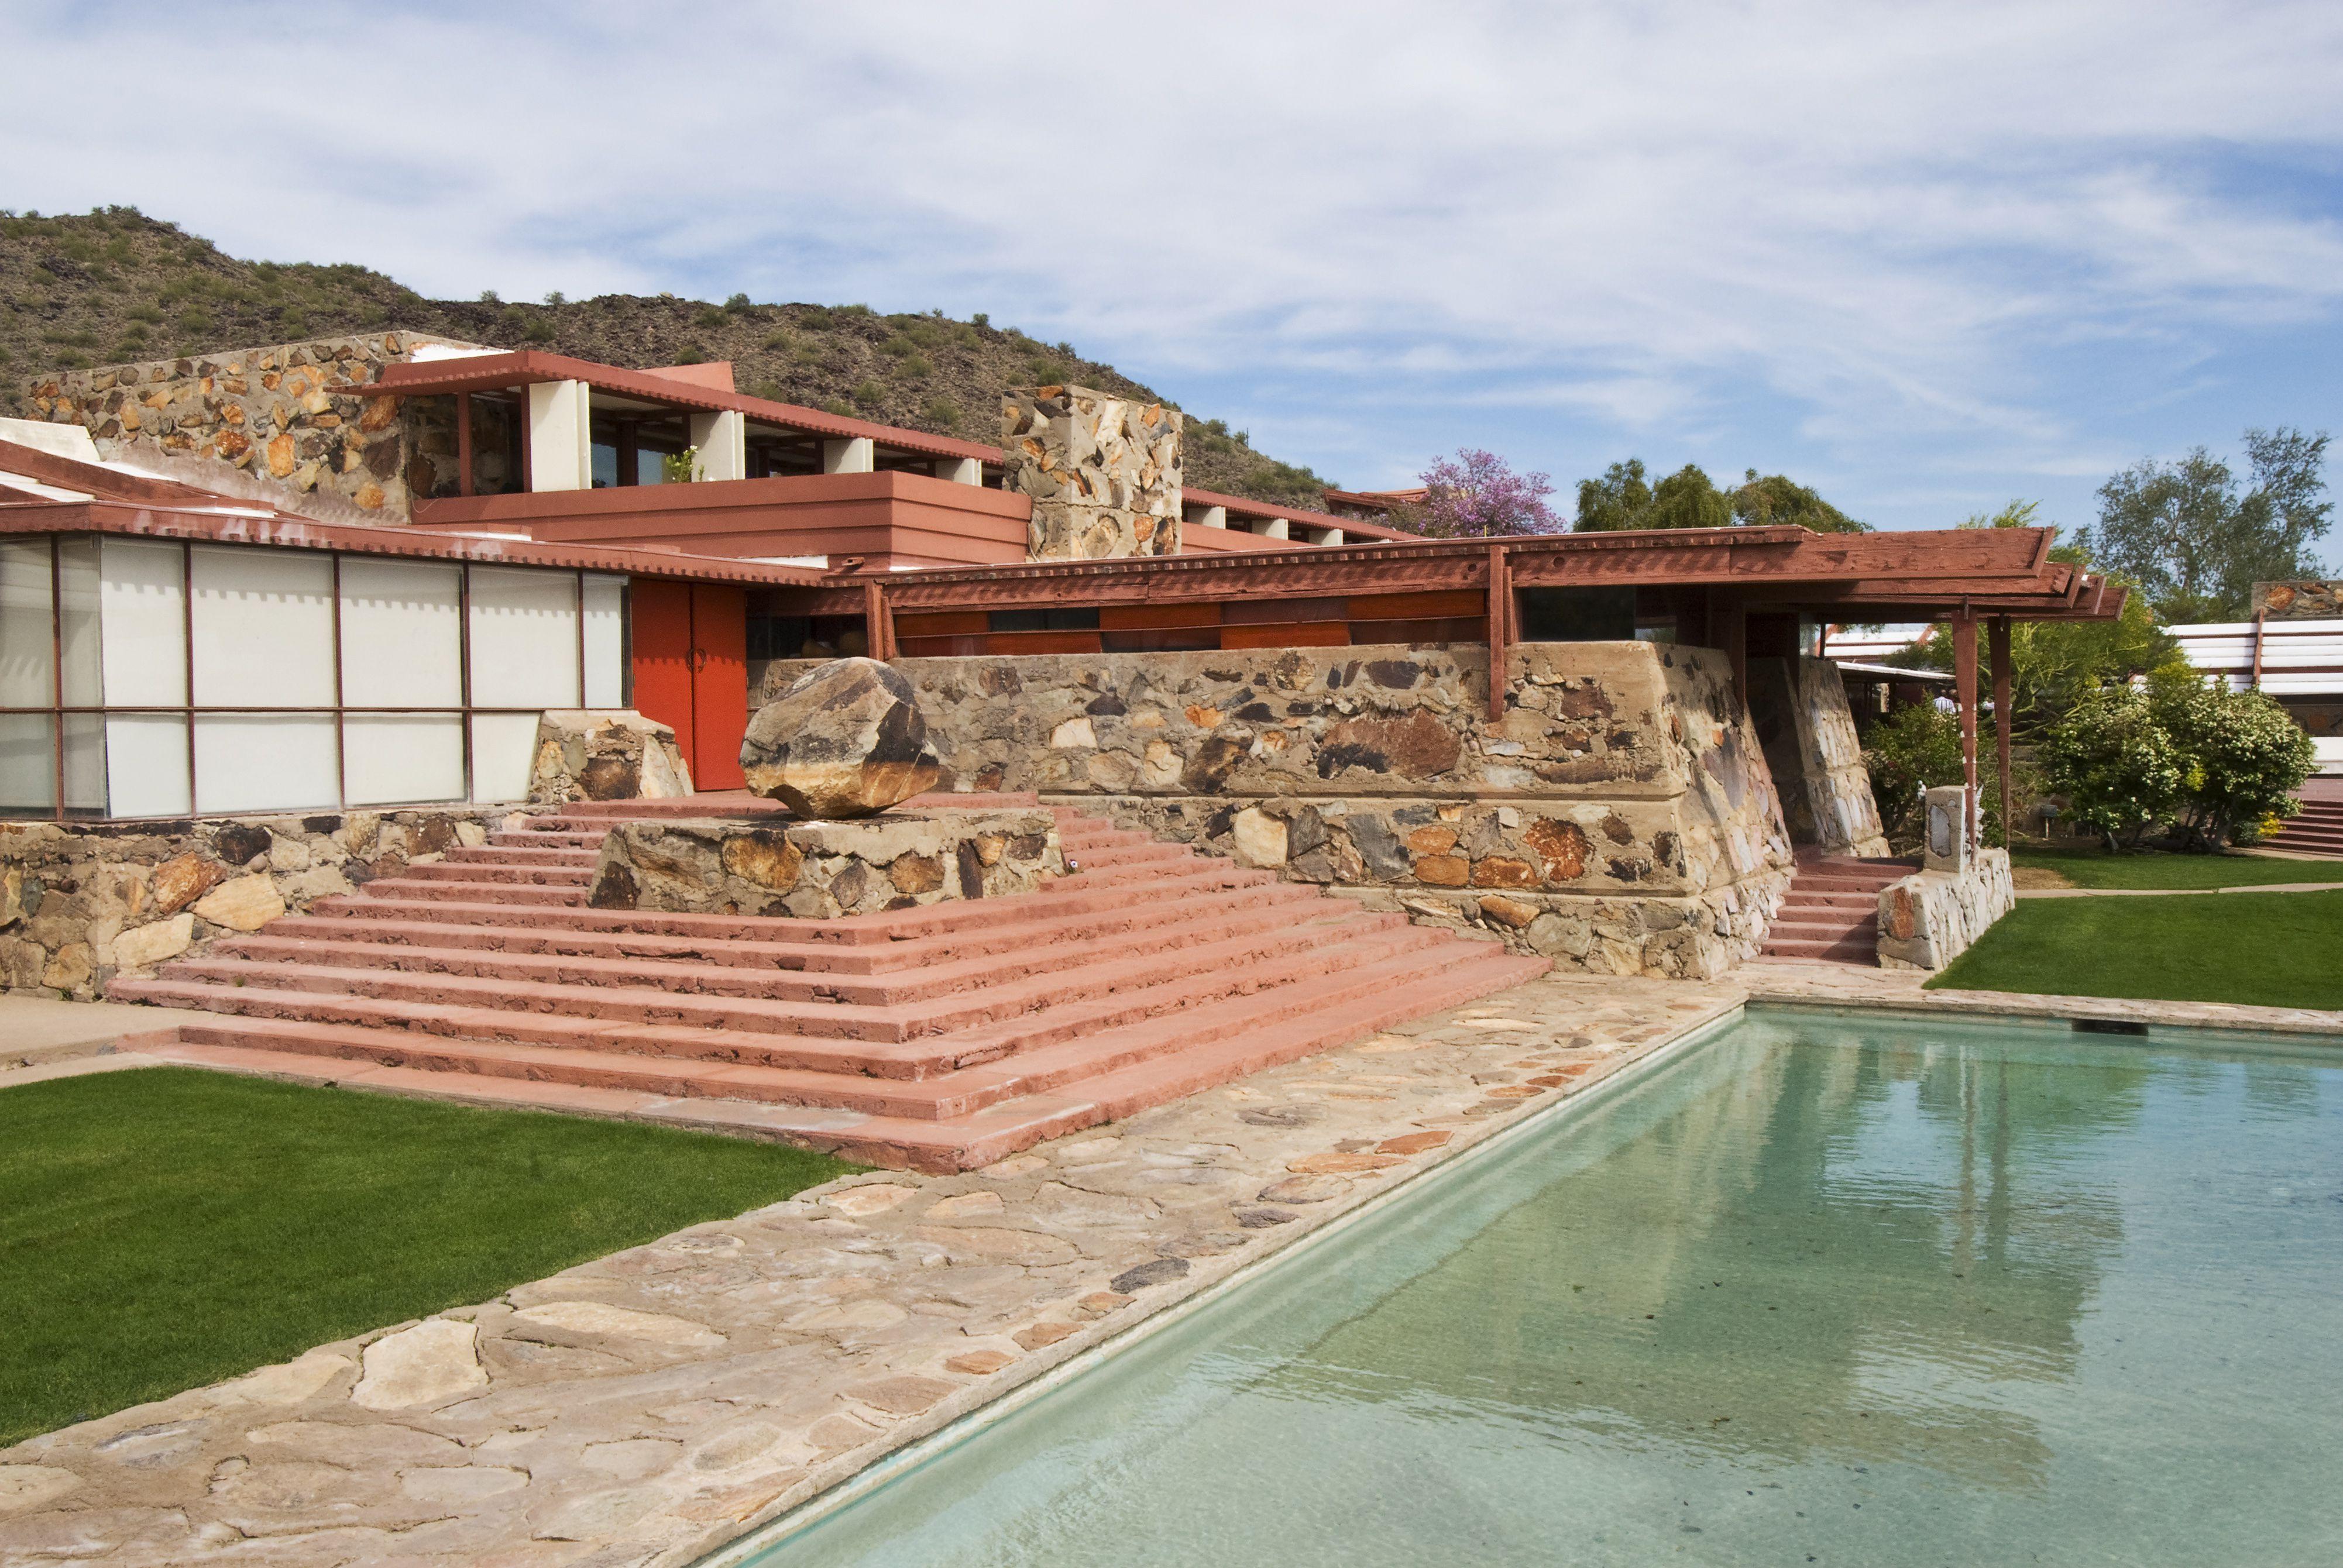 Außenansicht von Taliesin West, dem Winterhaus und Atelier des Architekten Frank Lloyd Wright.